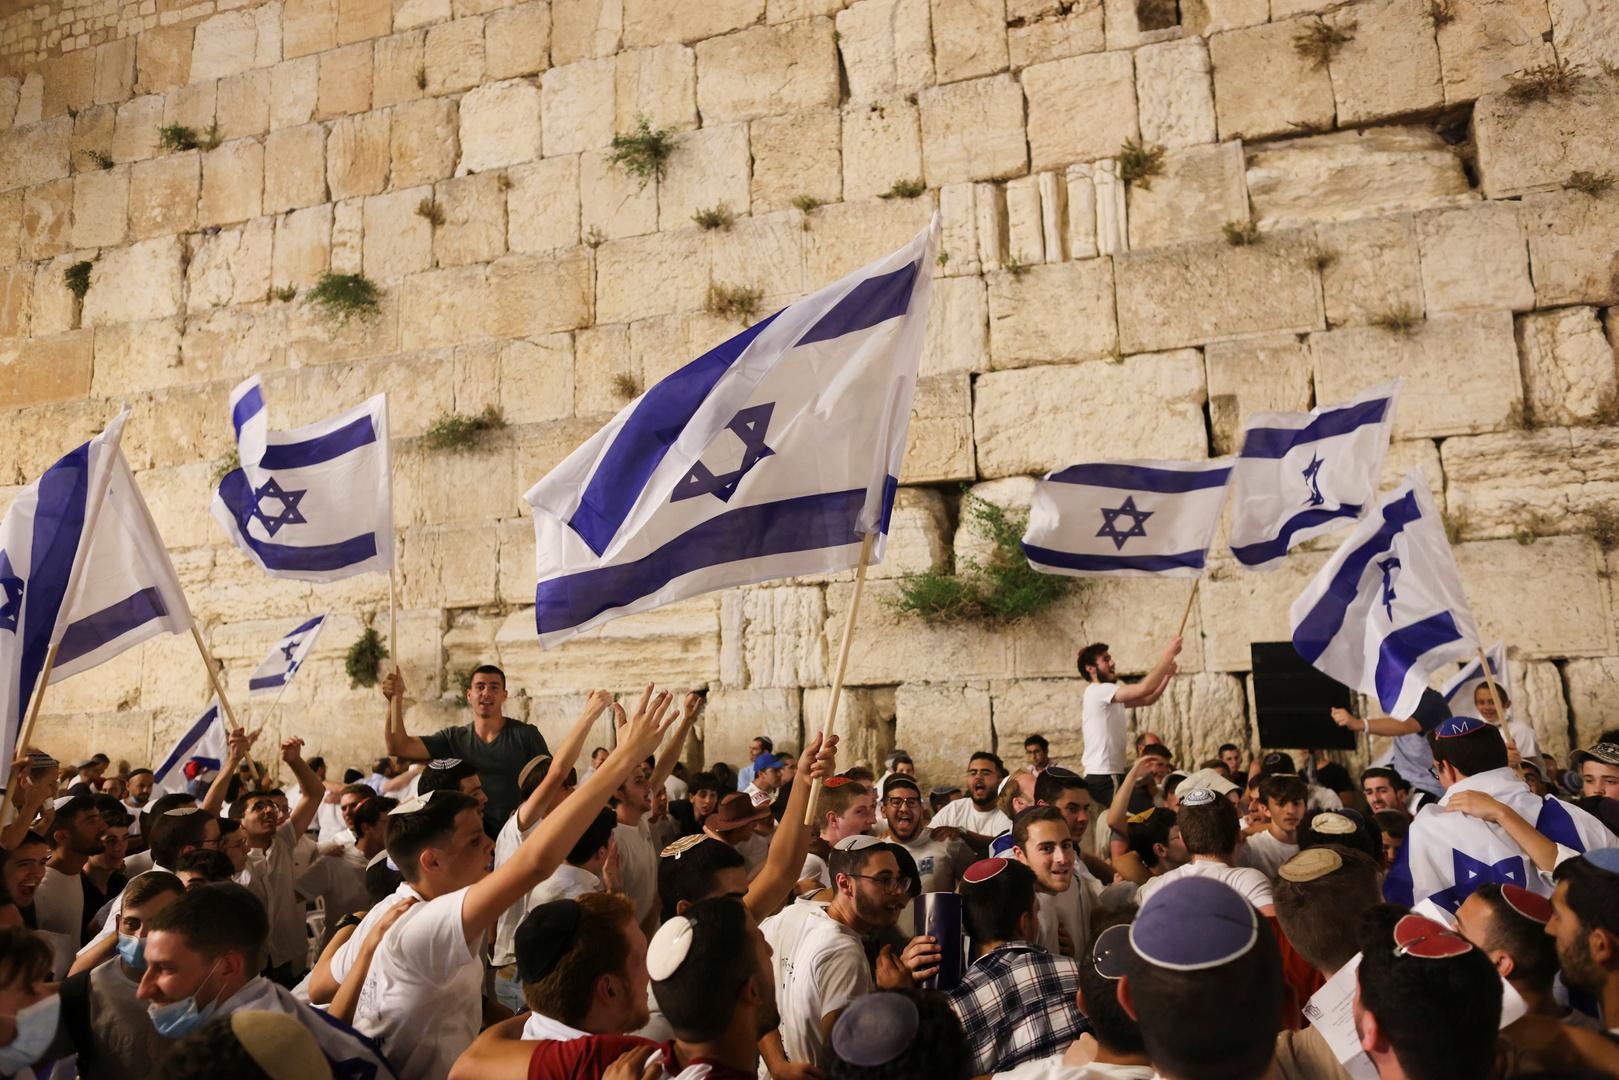 مستوطنون يحملون الأعلام الإسرائيلية في القدس